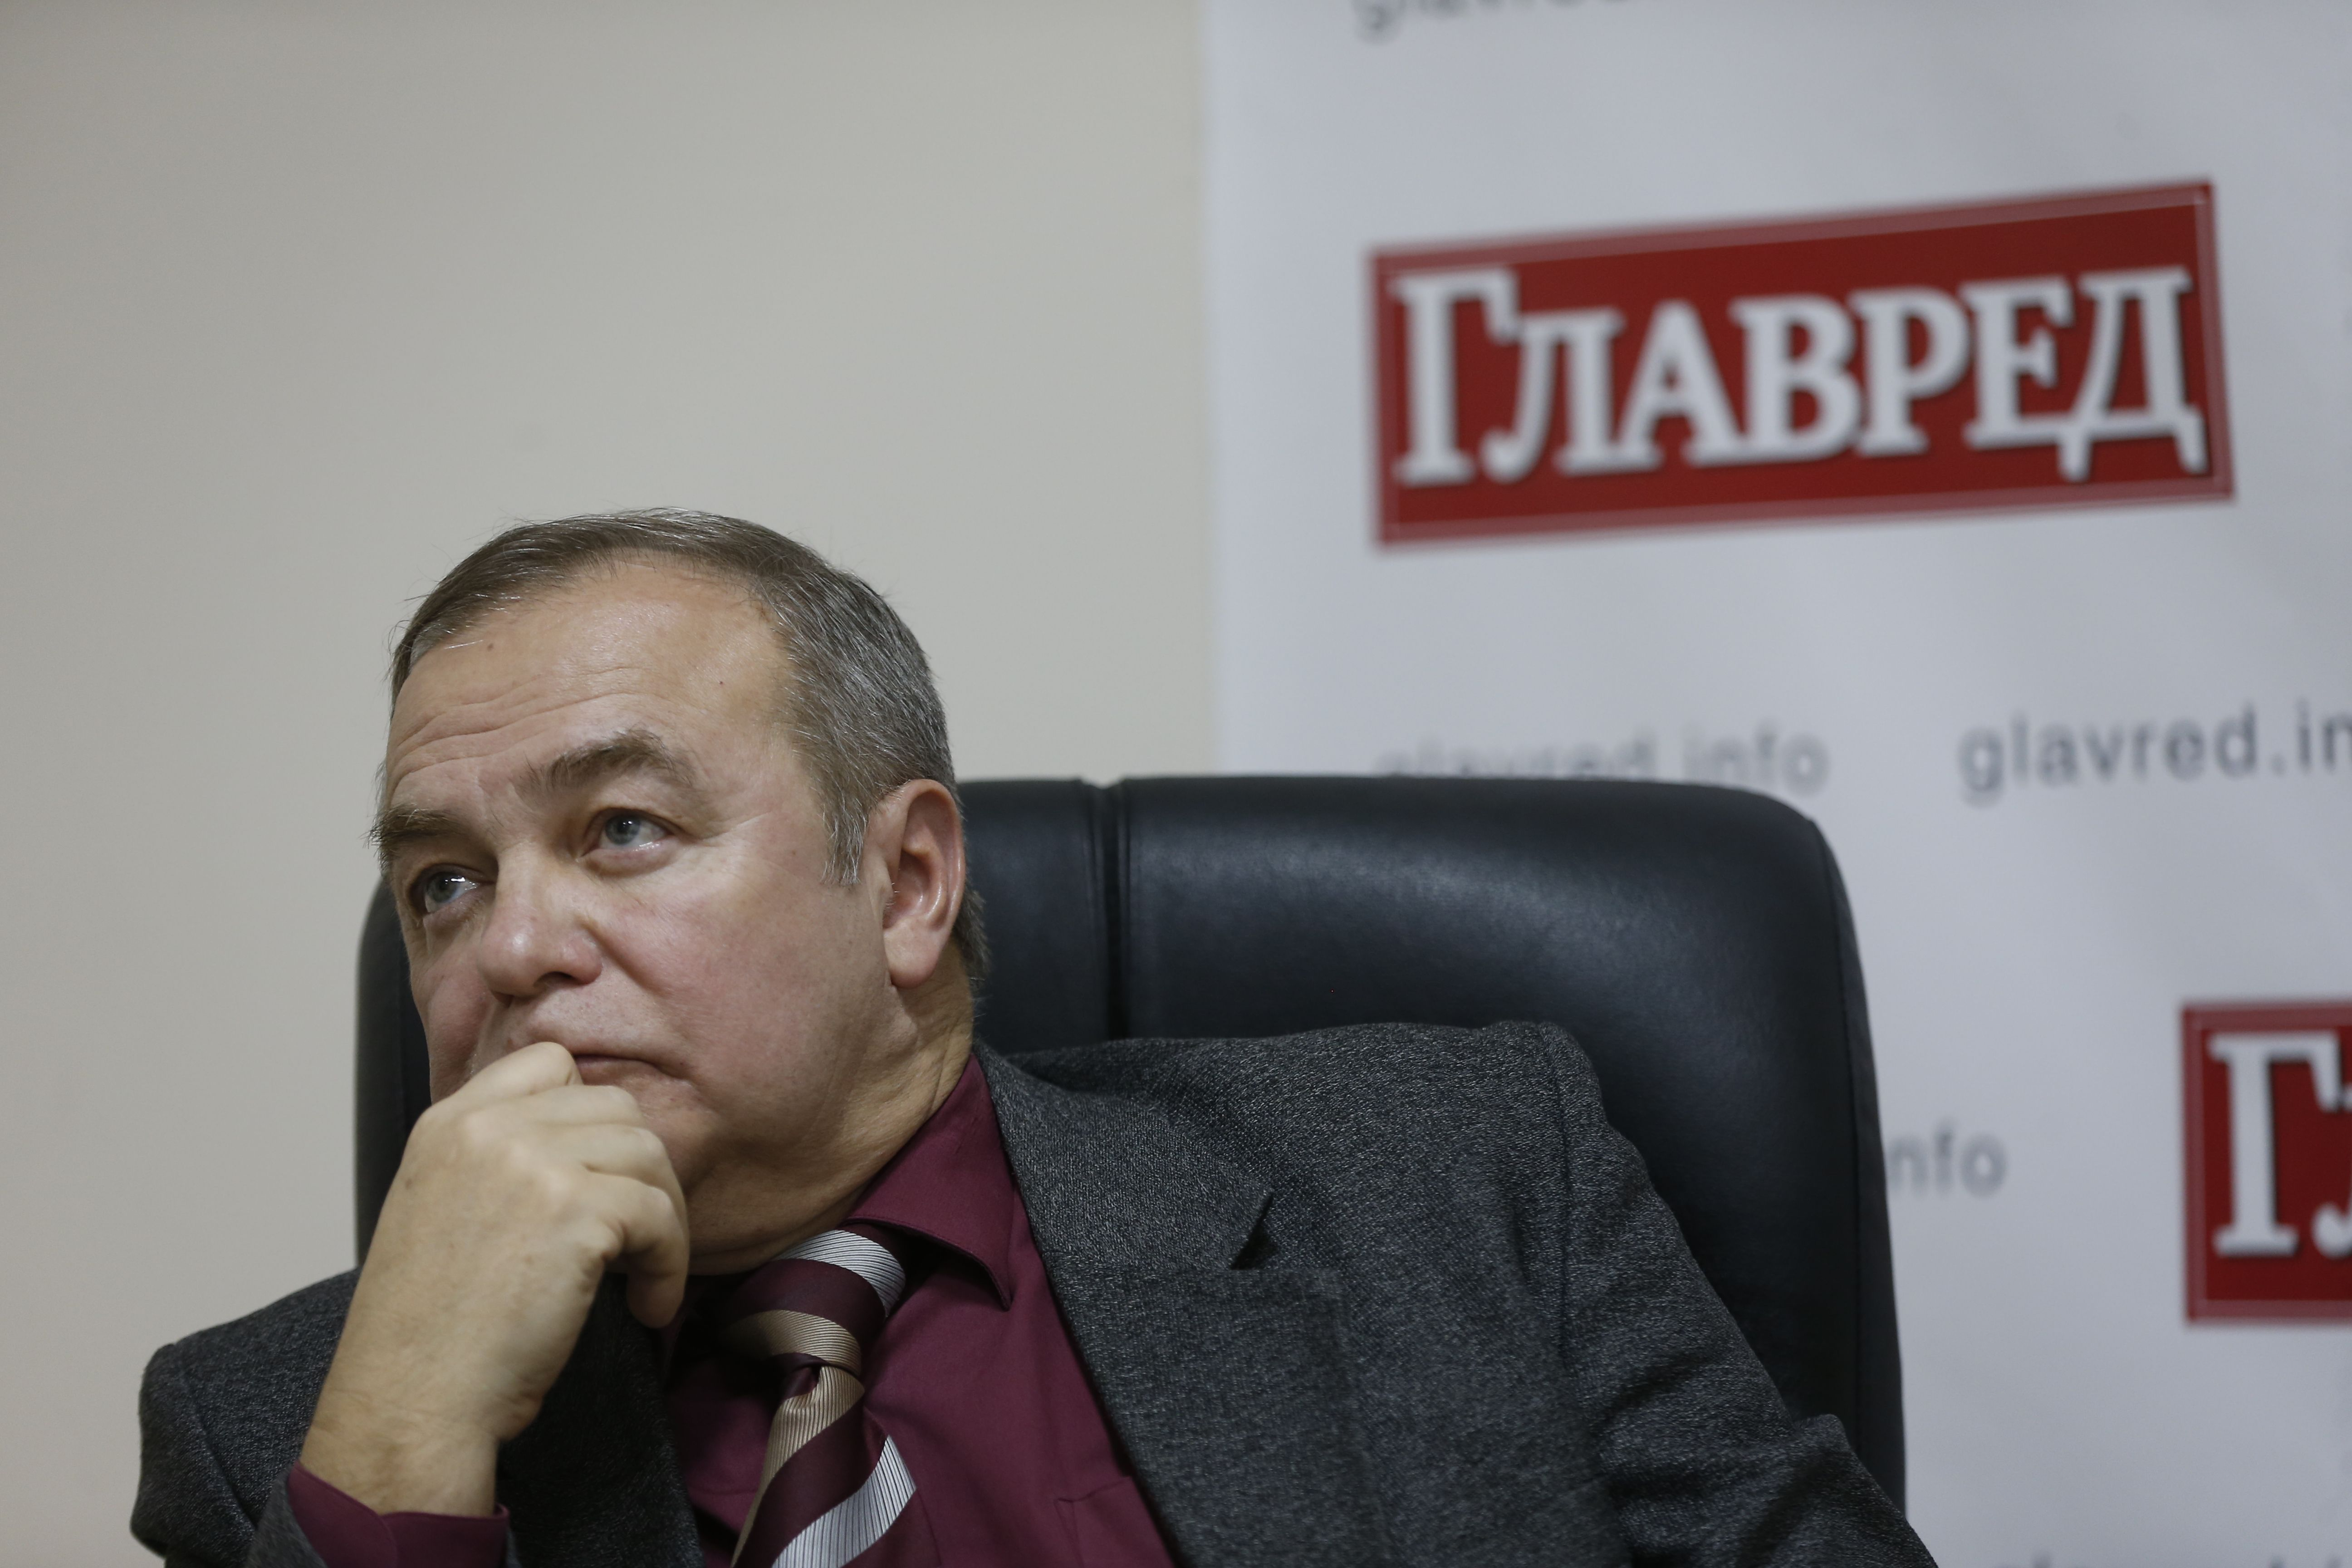 Преодоление последствий войн для стран занимает годы, десятки лет, отметил Игорь Романенко